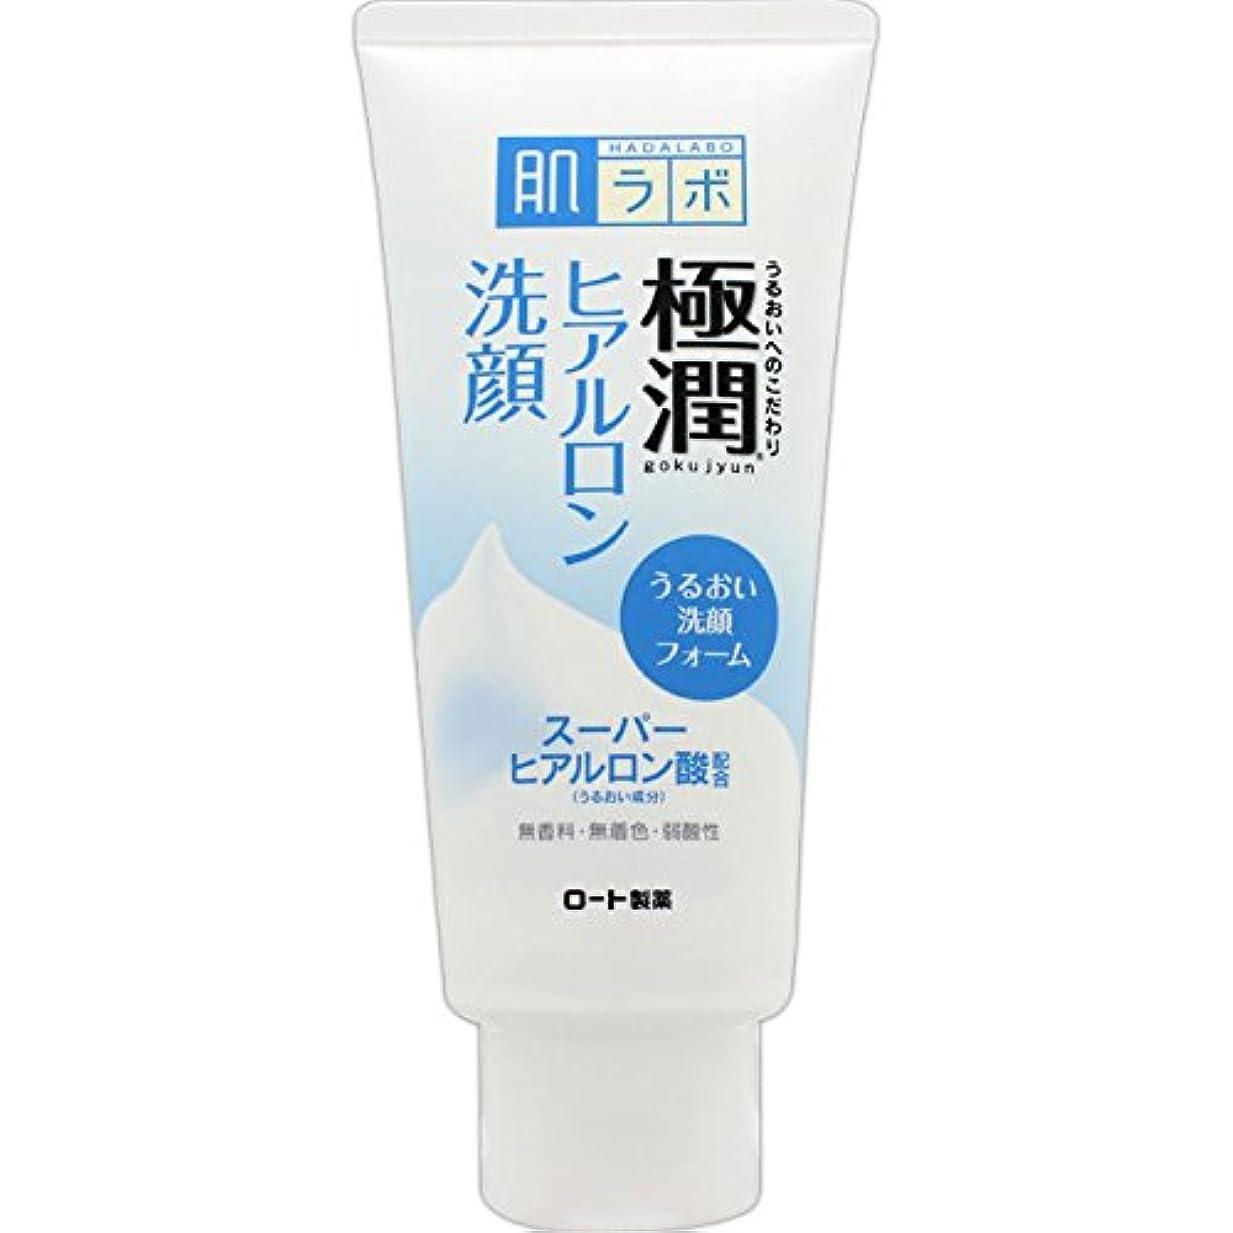 高度アルコールショート肌ラボ 極潤 ヒアルロン洗顔フォーム スーパーヒアルロン酸&吸着型ヒアルロン酸をW配合 100g